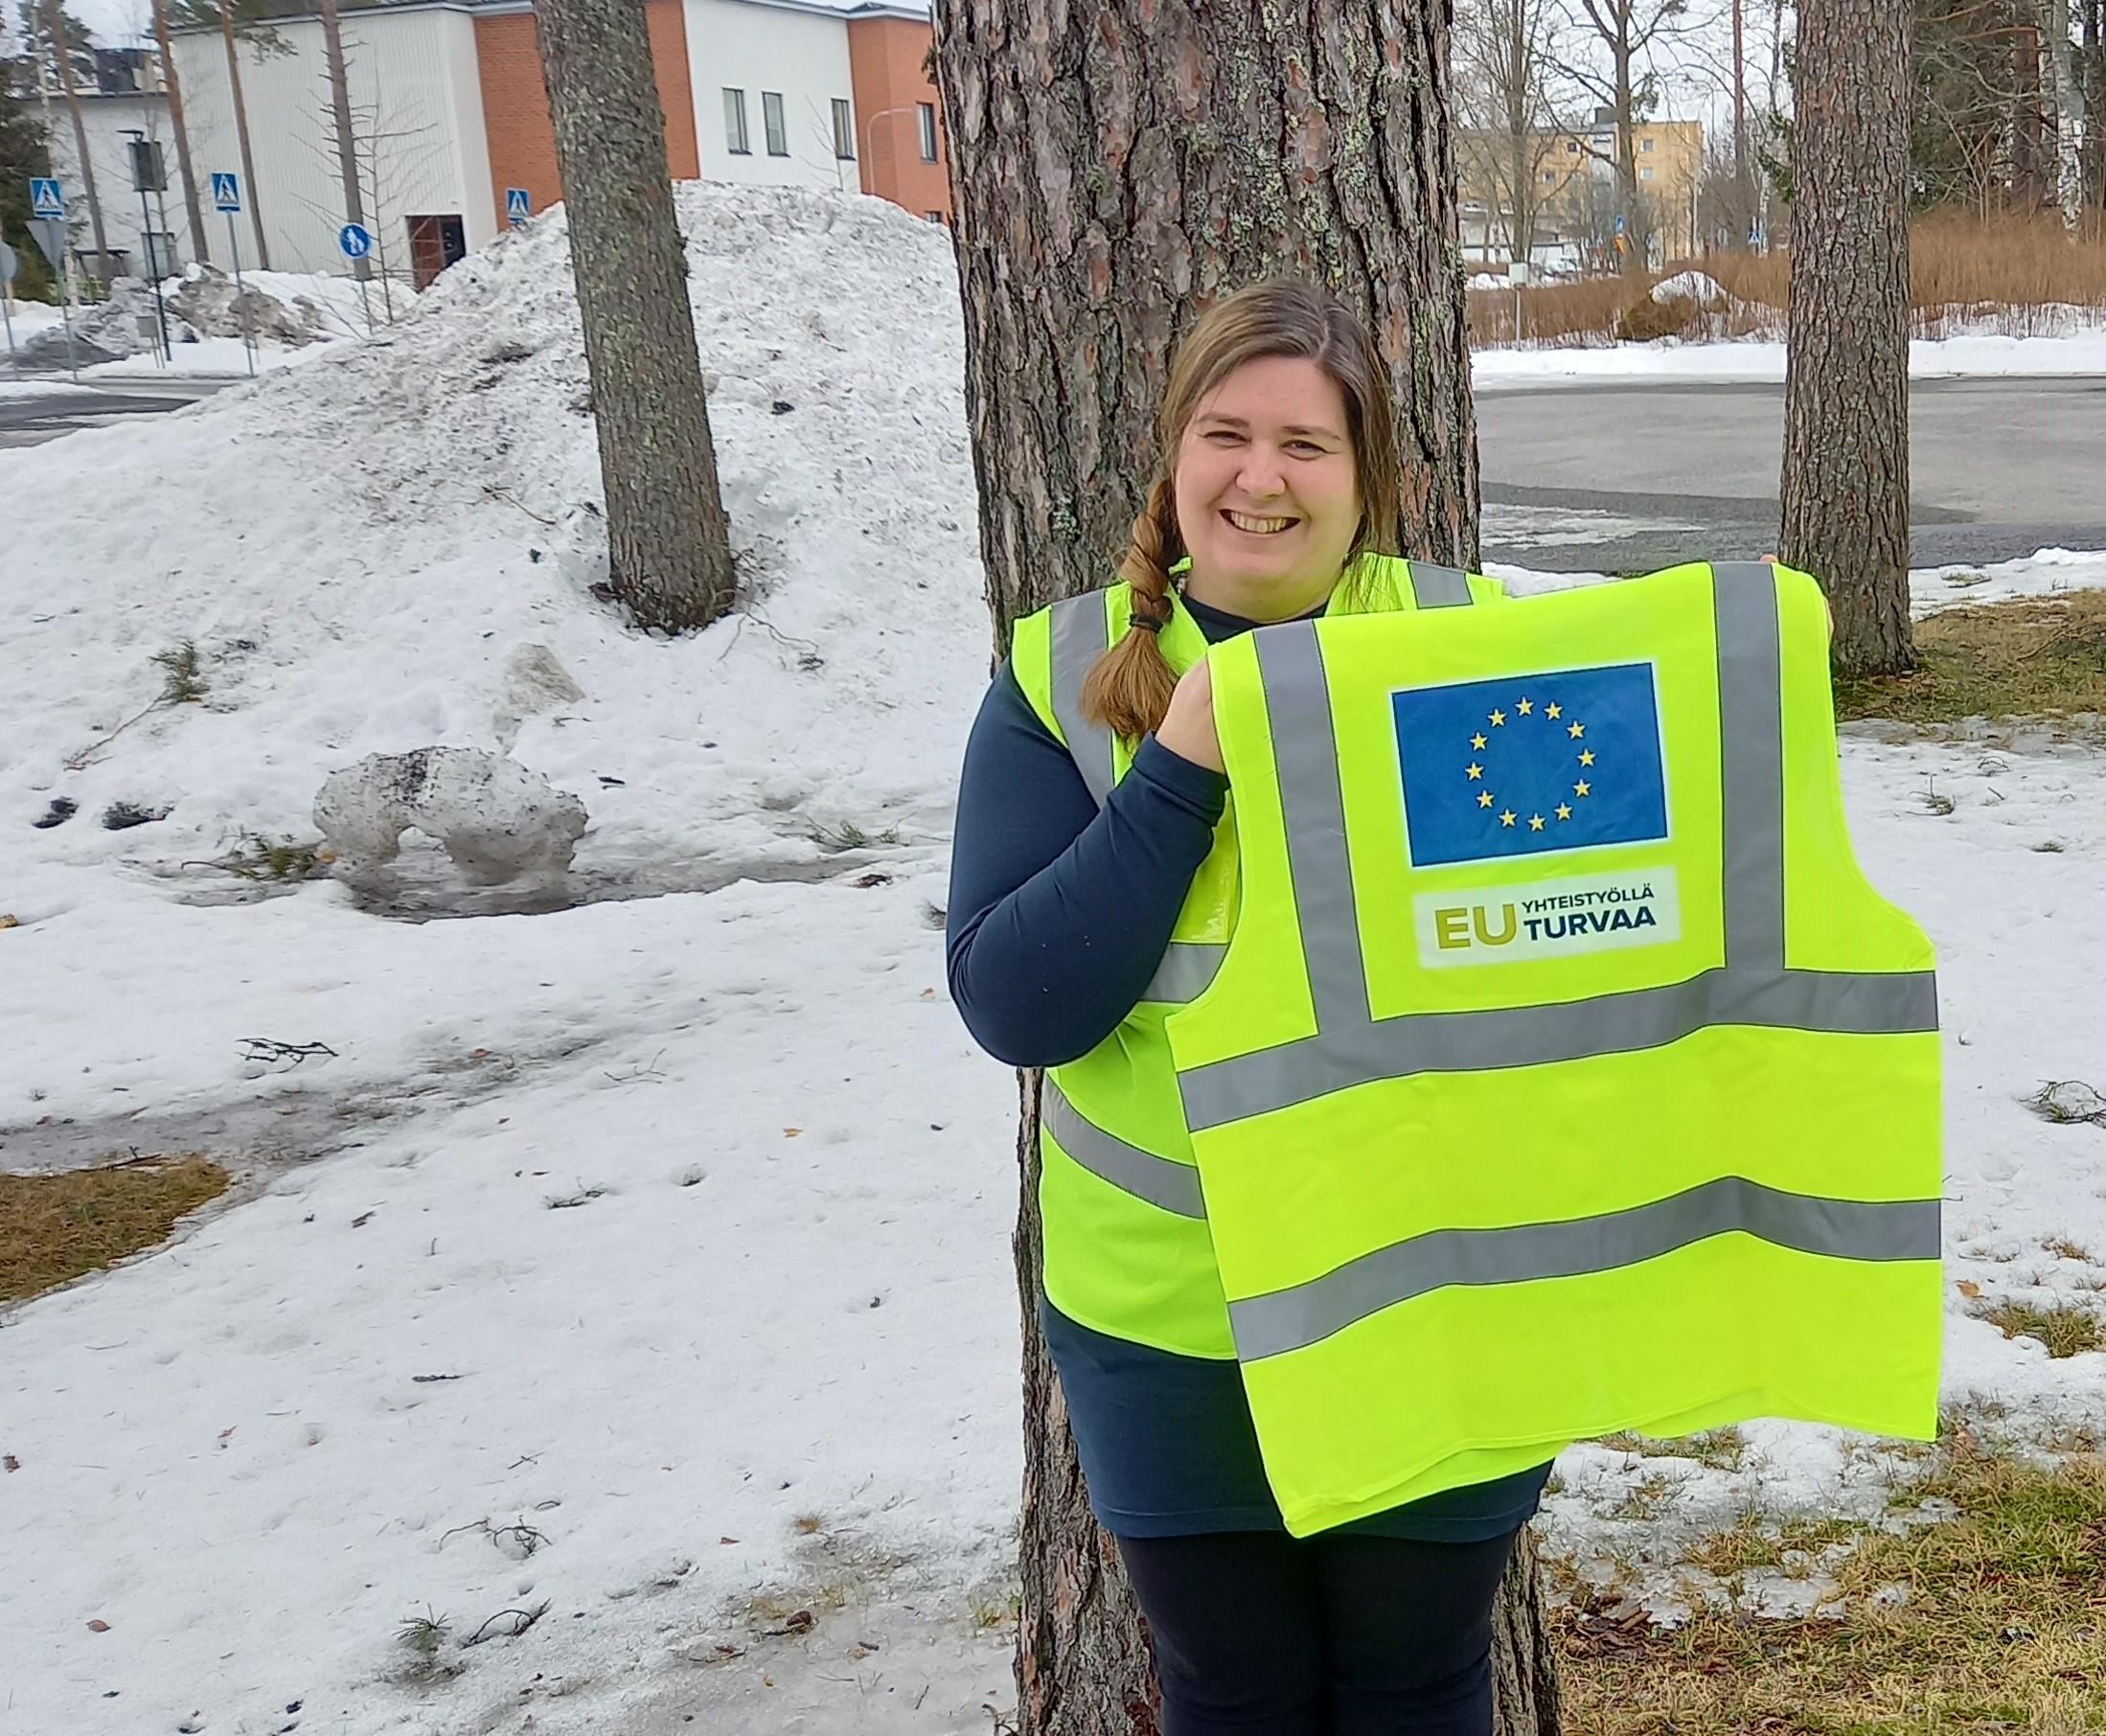 Nainen esittelee turvaliiviä, jossa EU lipuu ja teksti EU turvaa